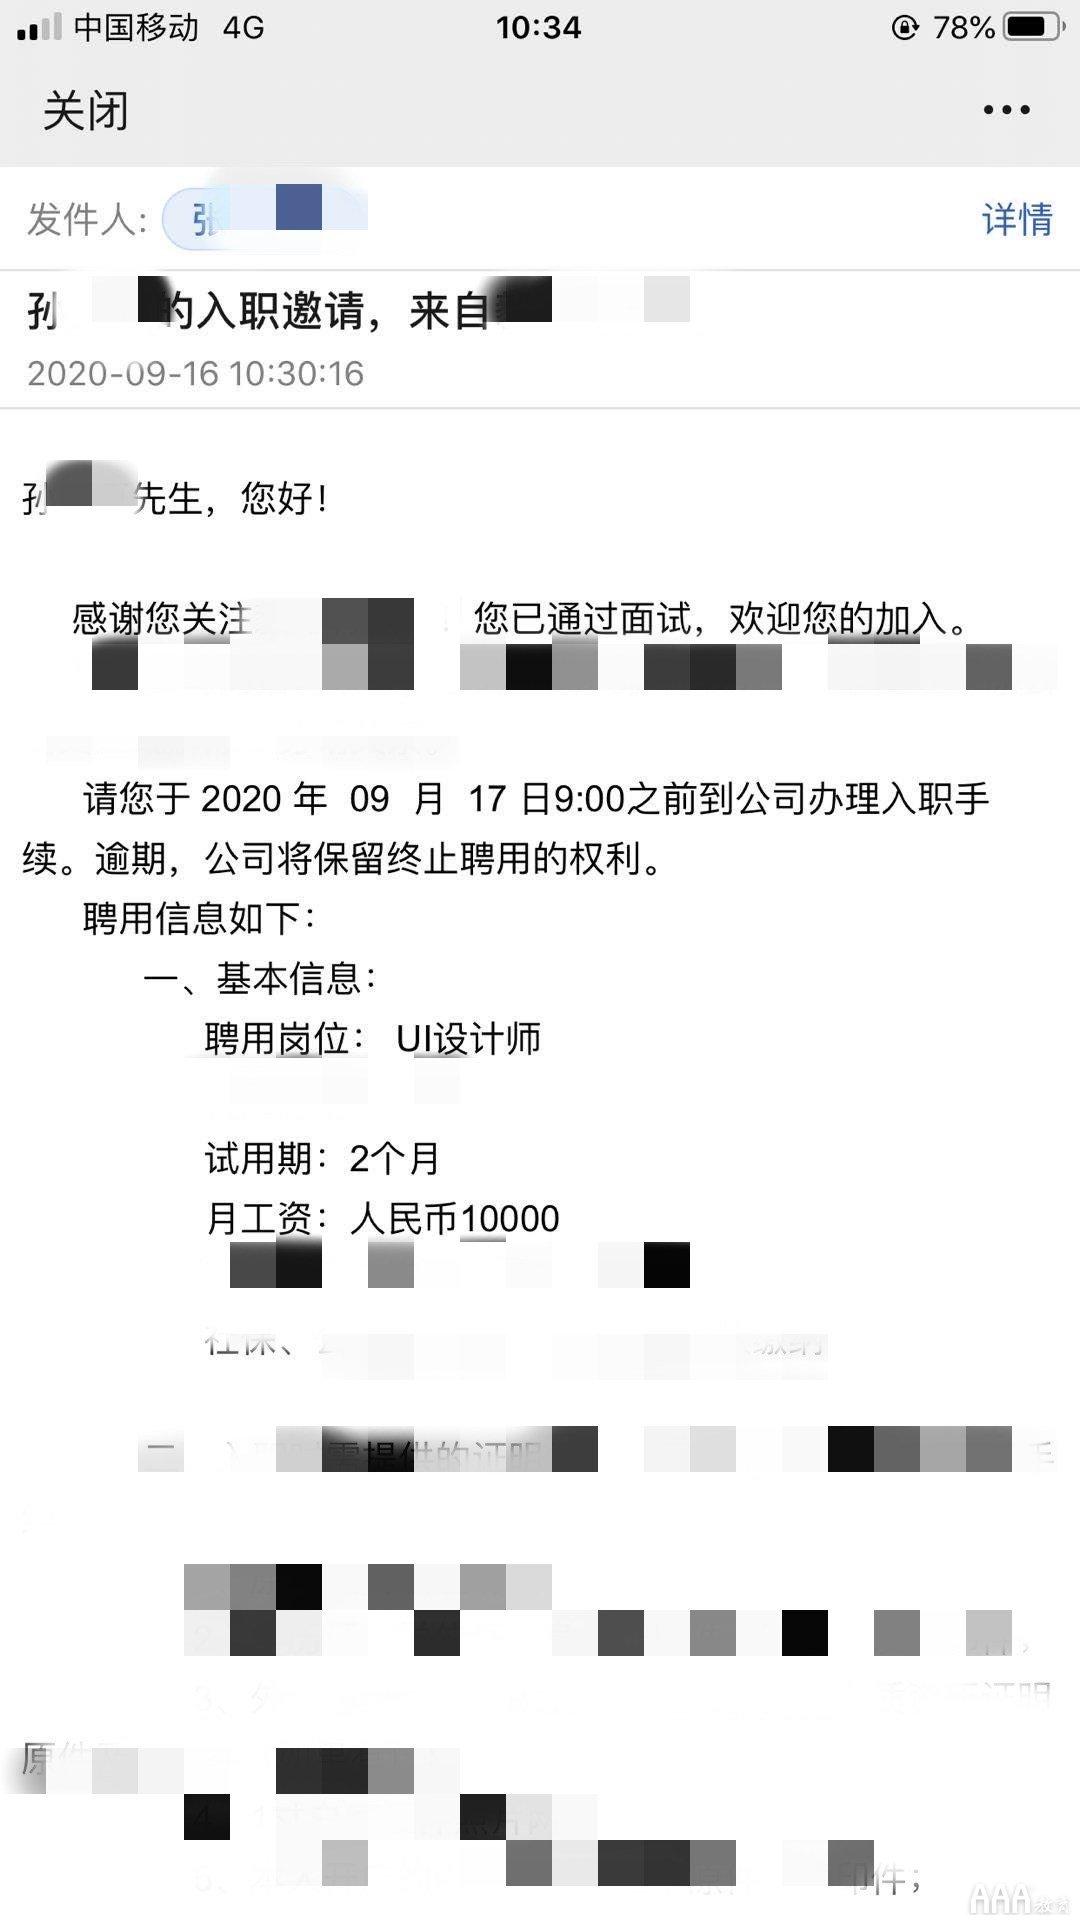 恭喜UI设计107班孙同学喜提offer10000元